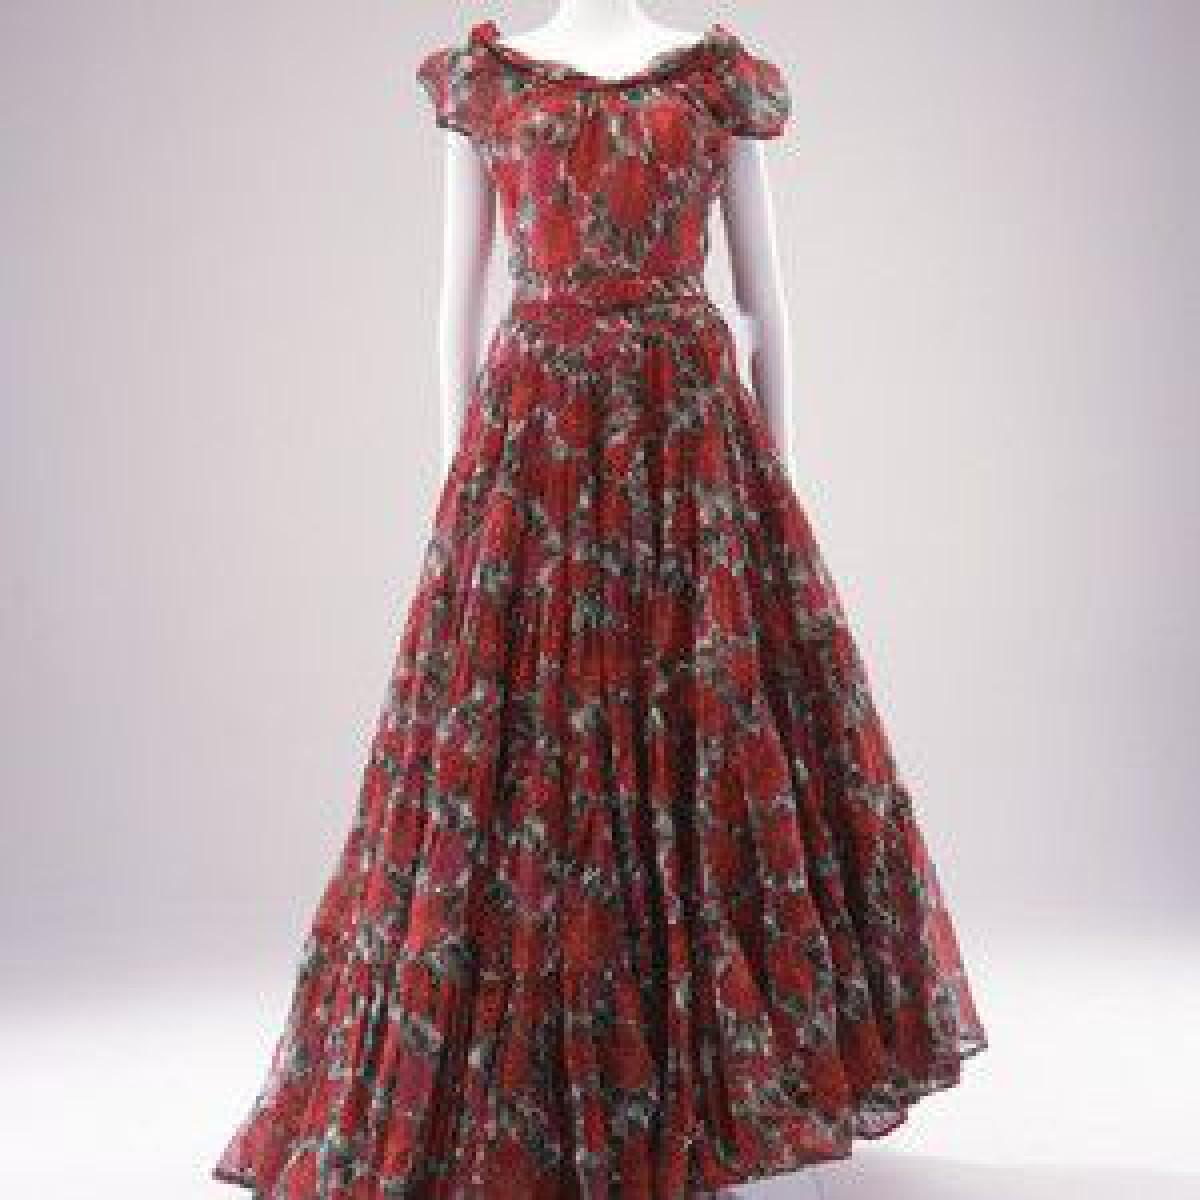 「ディオールとバレンシアガ」展が島根県立石見美術館で開催、2人のクチュリエによる1950年代の作品を紹介